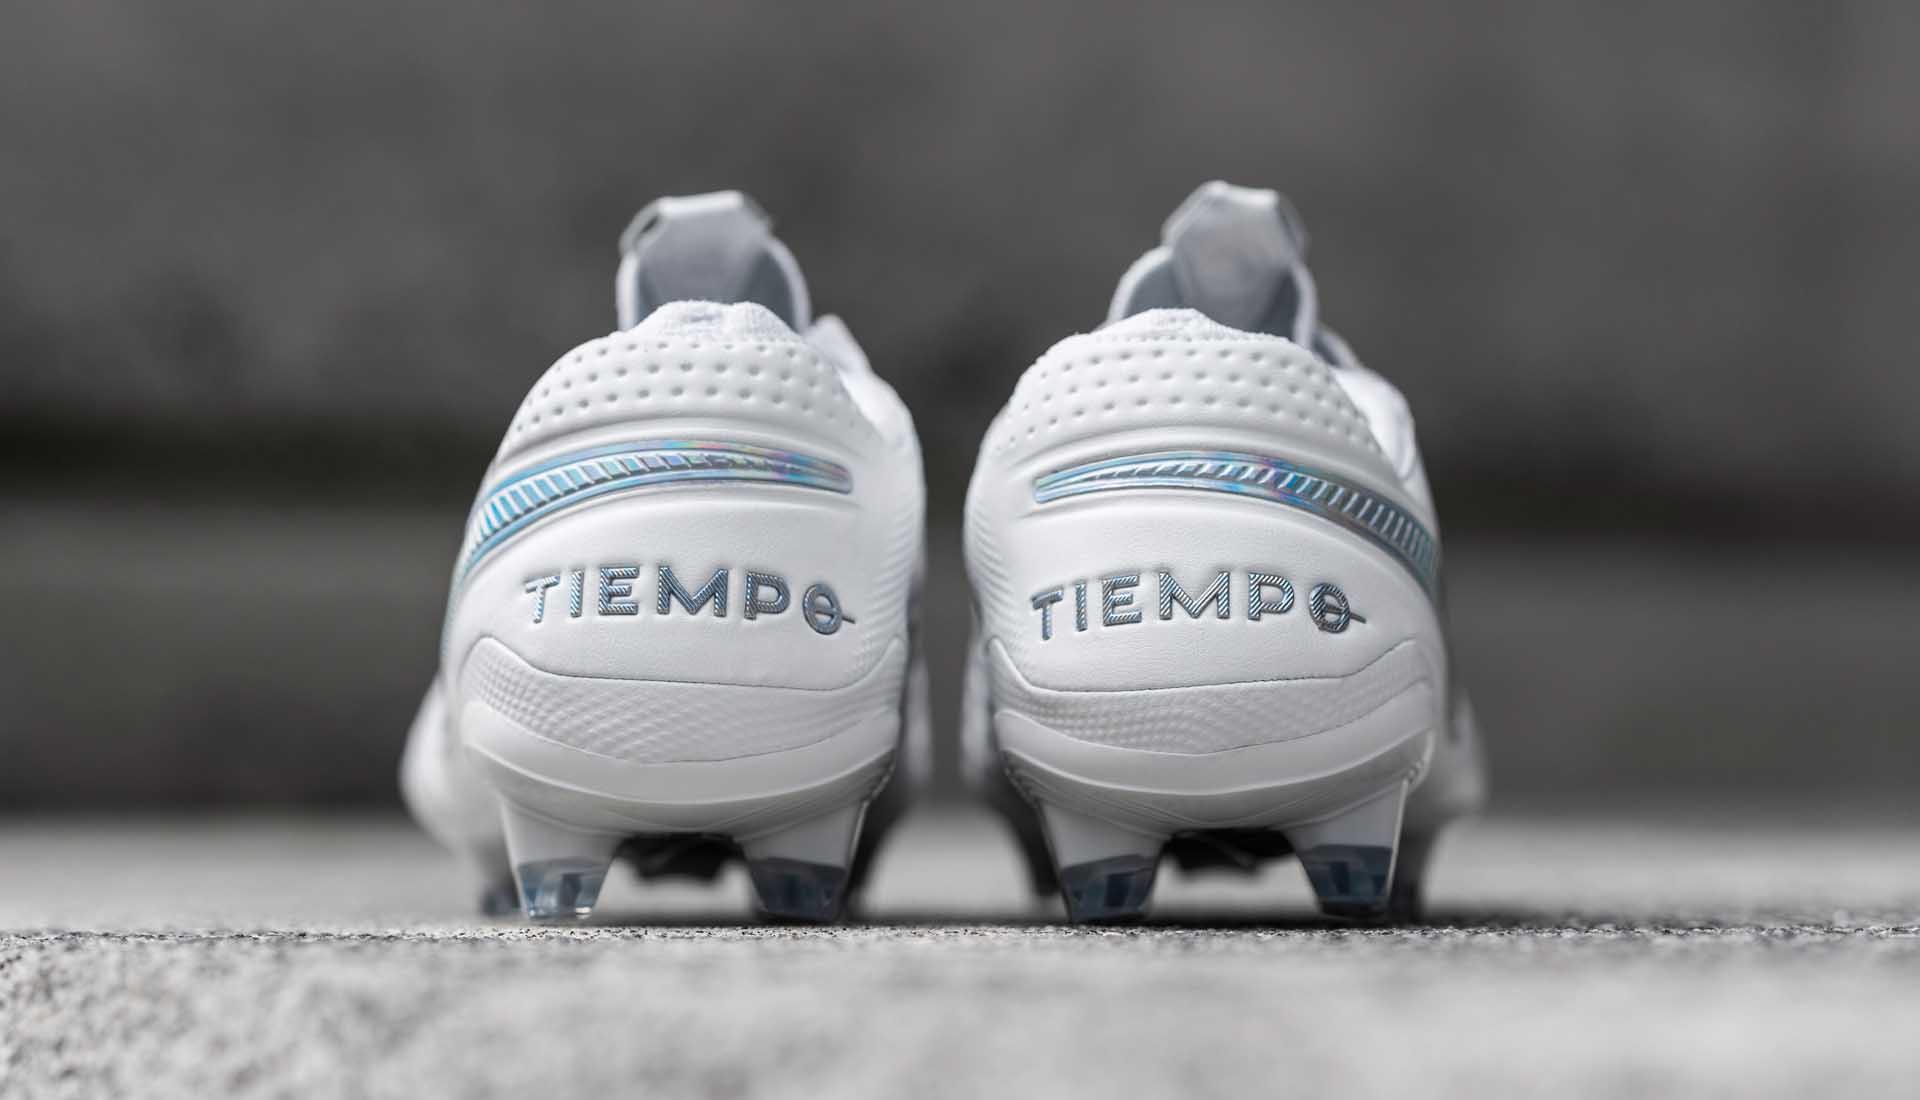 Nike Tiempo là dòng giày bóng đá da thật lâu đời rất được yêu thích của Nike